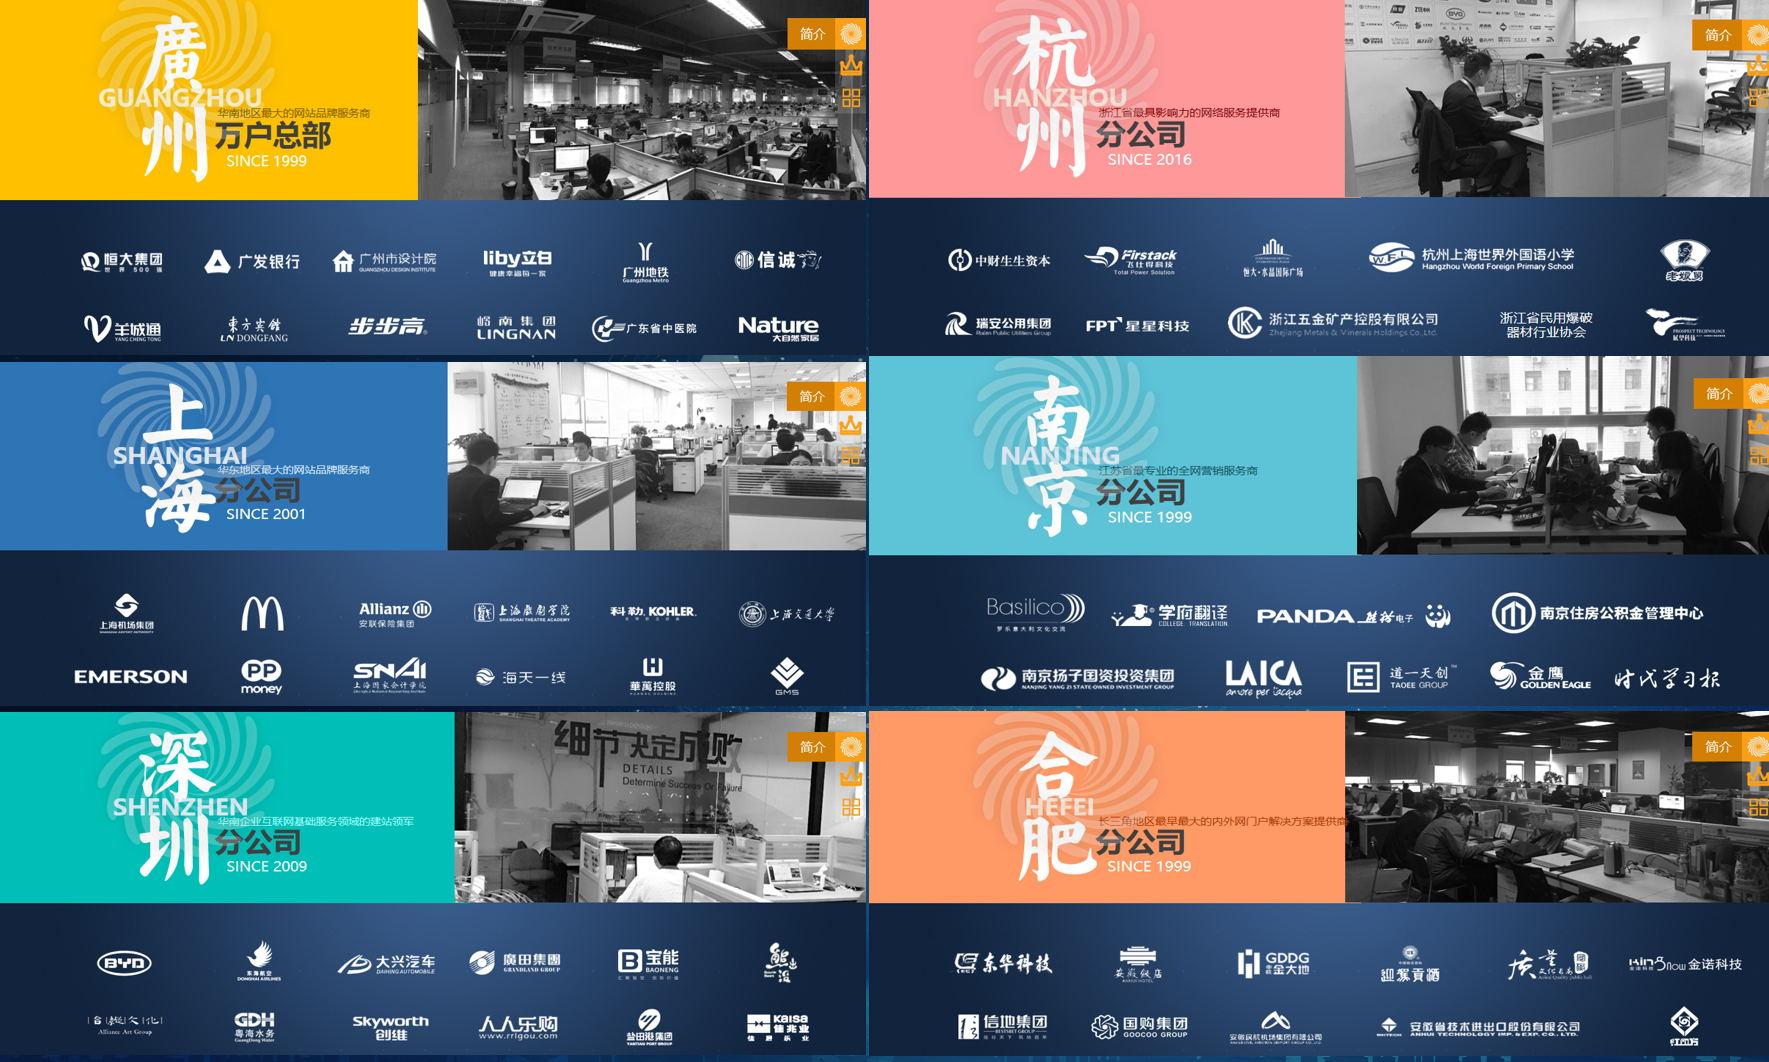 _小程序开发微信开发定制微官网公众平台制作设计商城社区公众号33